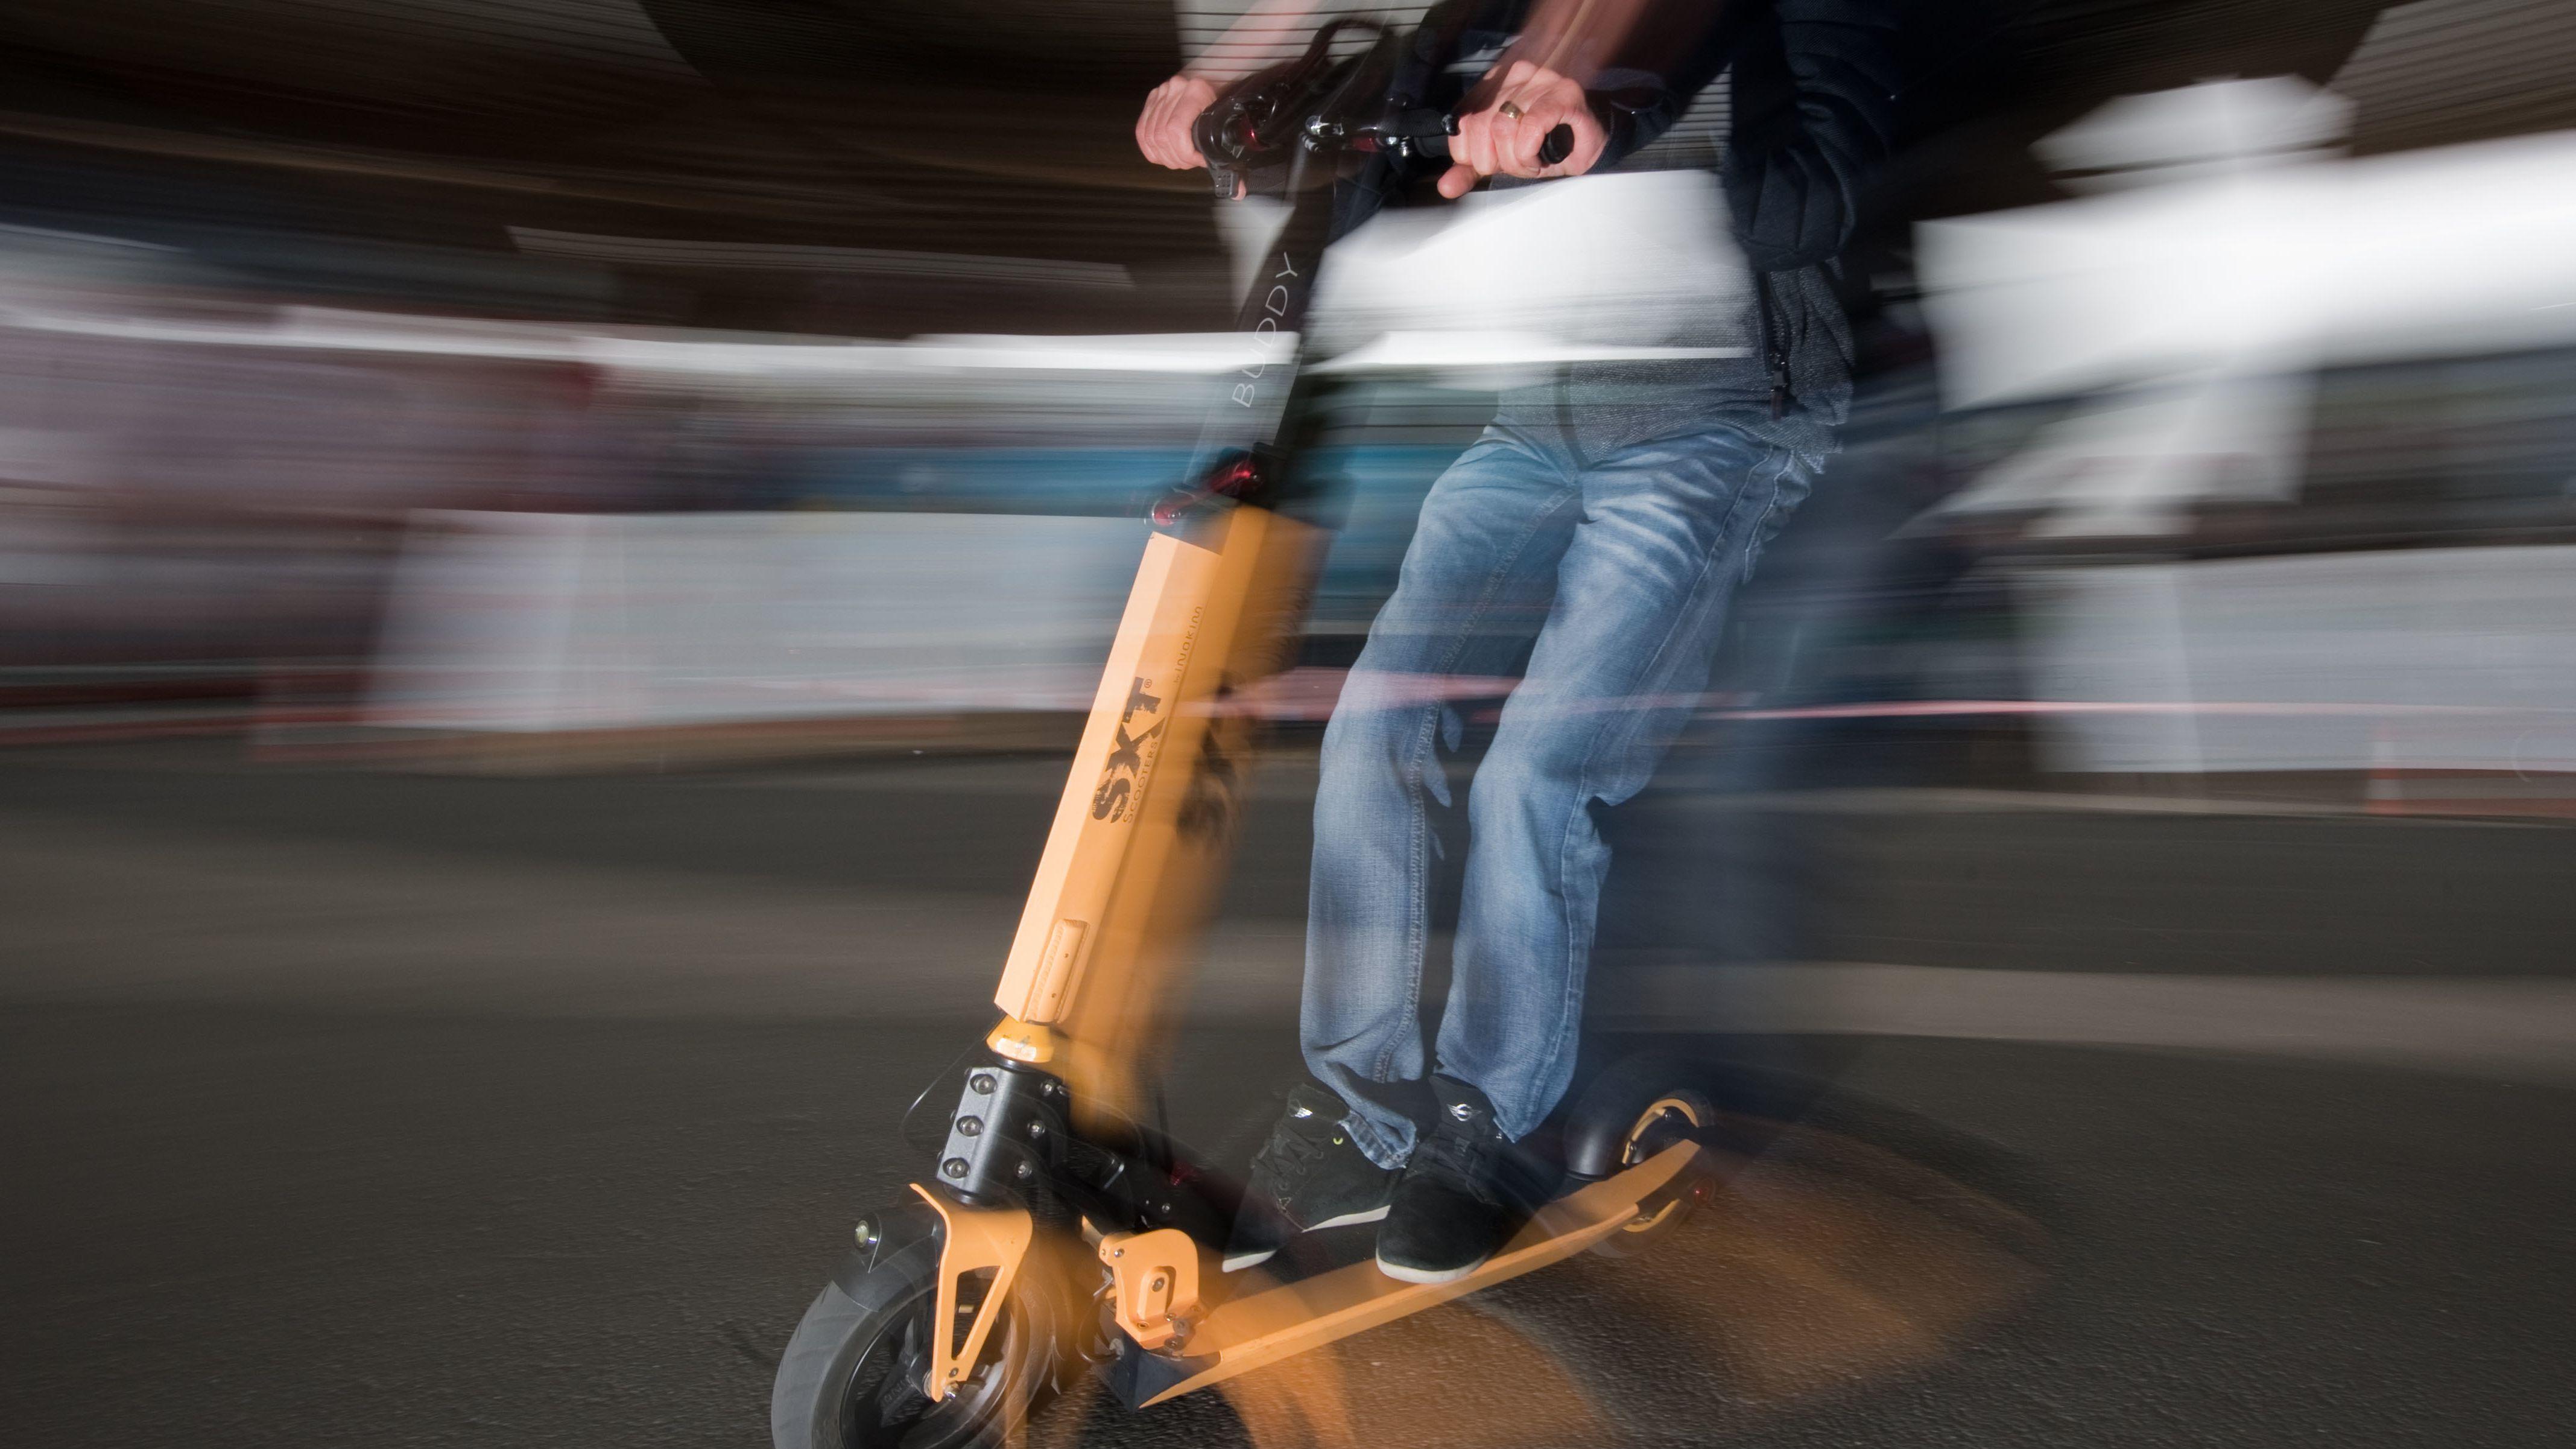 Polizei warnt vor Suff-Fahrten mit E-Scootern.